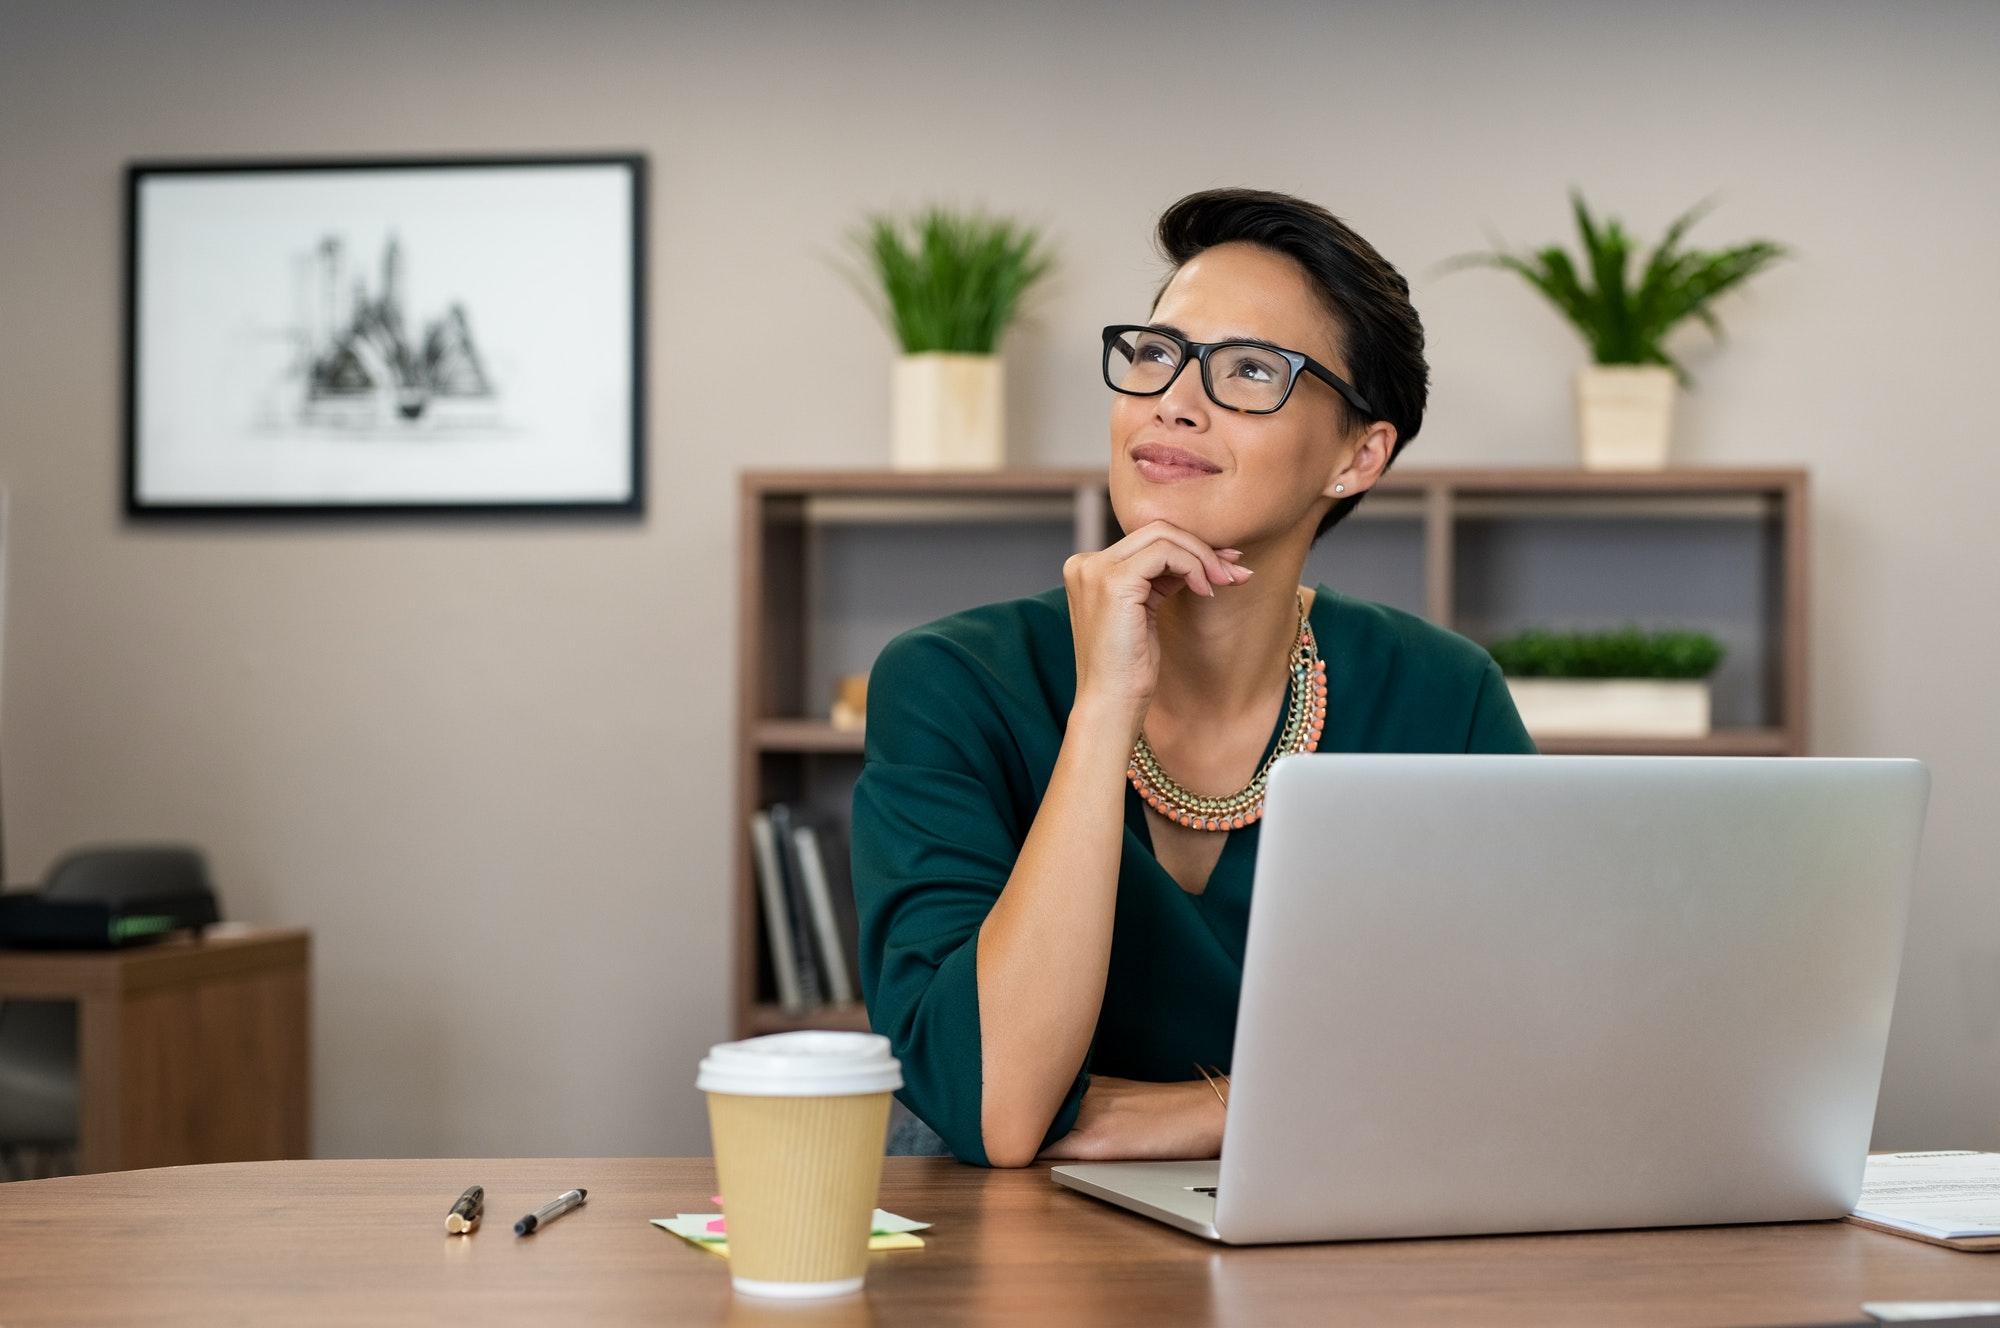 Nødvendigt at have en hjemmeside til min virksomhed? Hvorfor skal jeg have en hjemmeside til min forretning? Hvorfor hjemmeside til virksomhed?